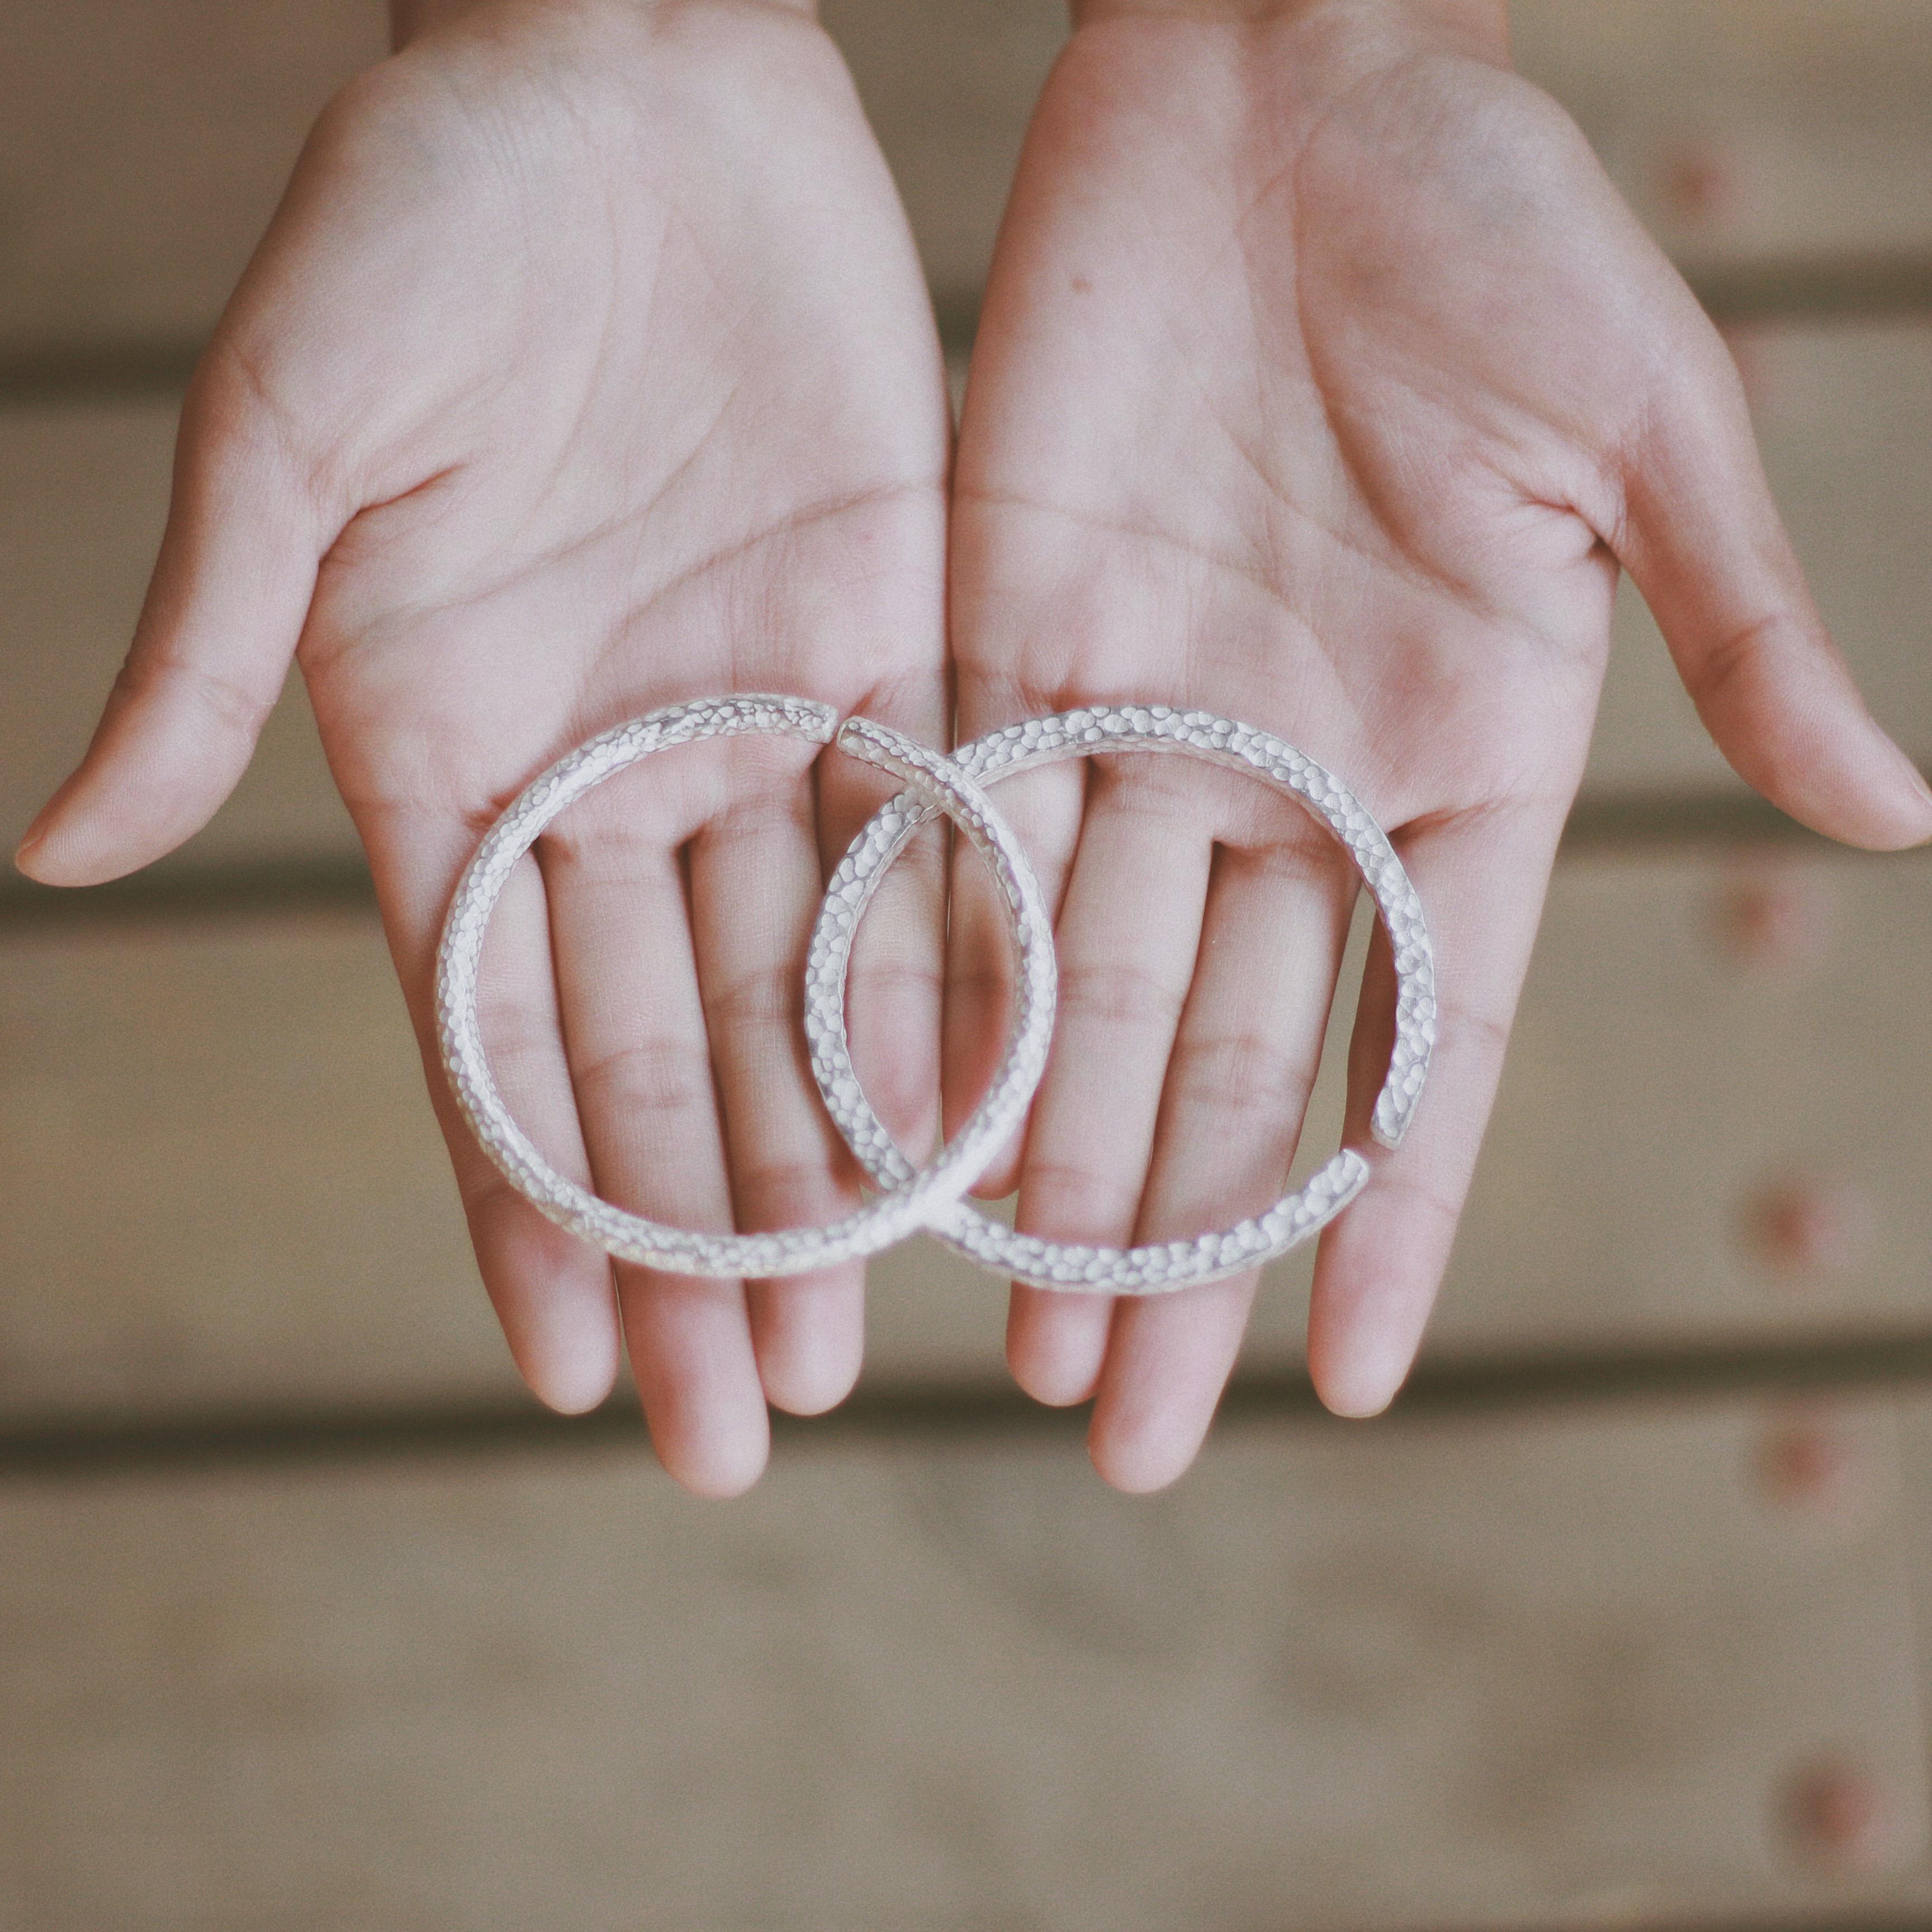 手工锤纹 雪花足银细手镯环复古文艺简约开口情侣送妈妈女友礼物